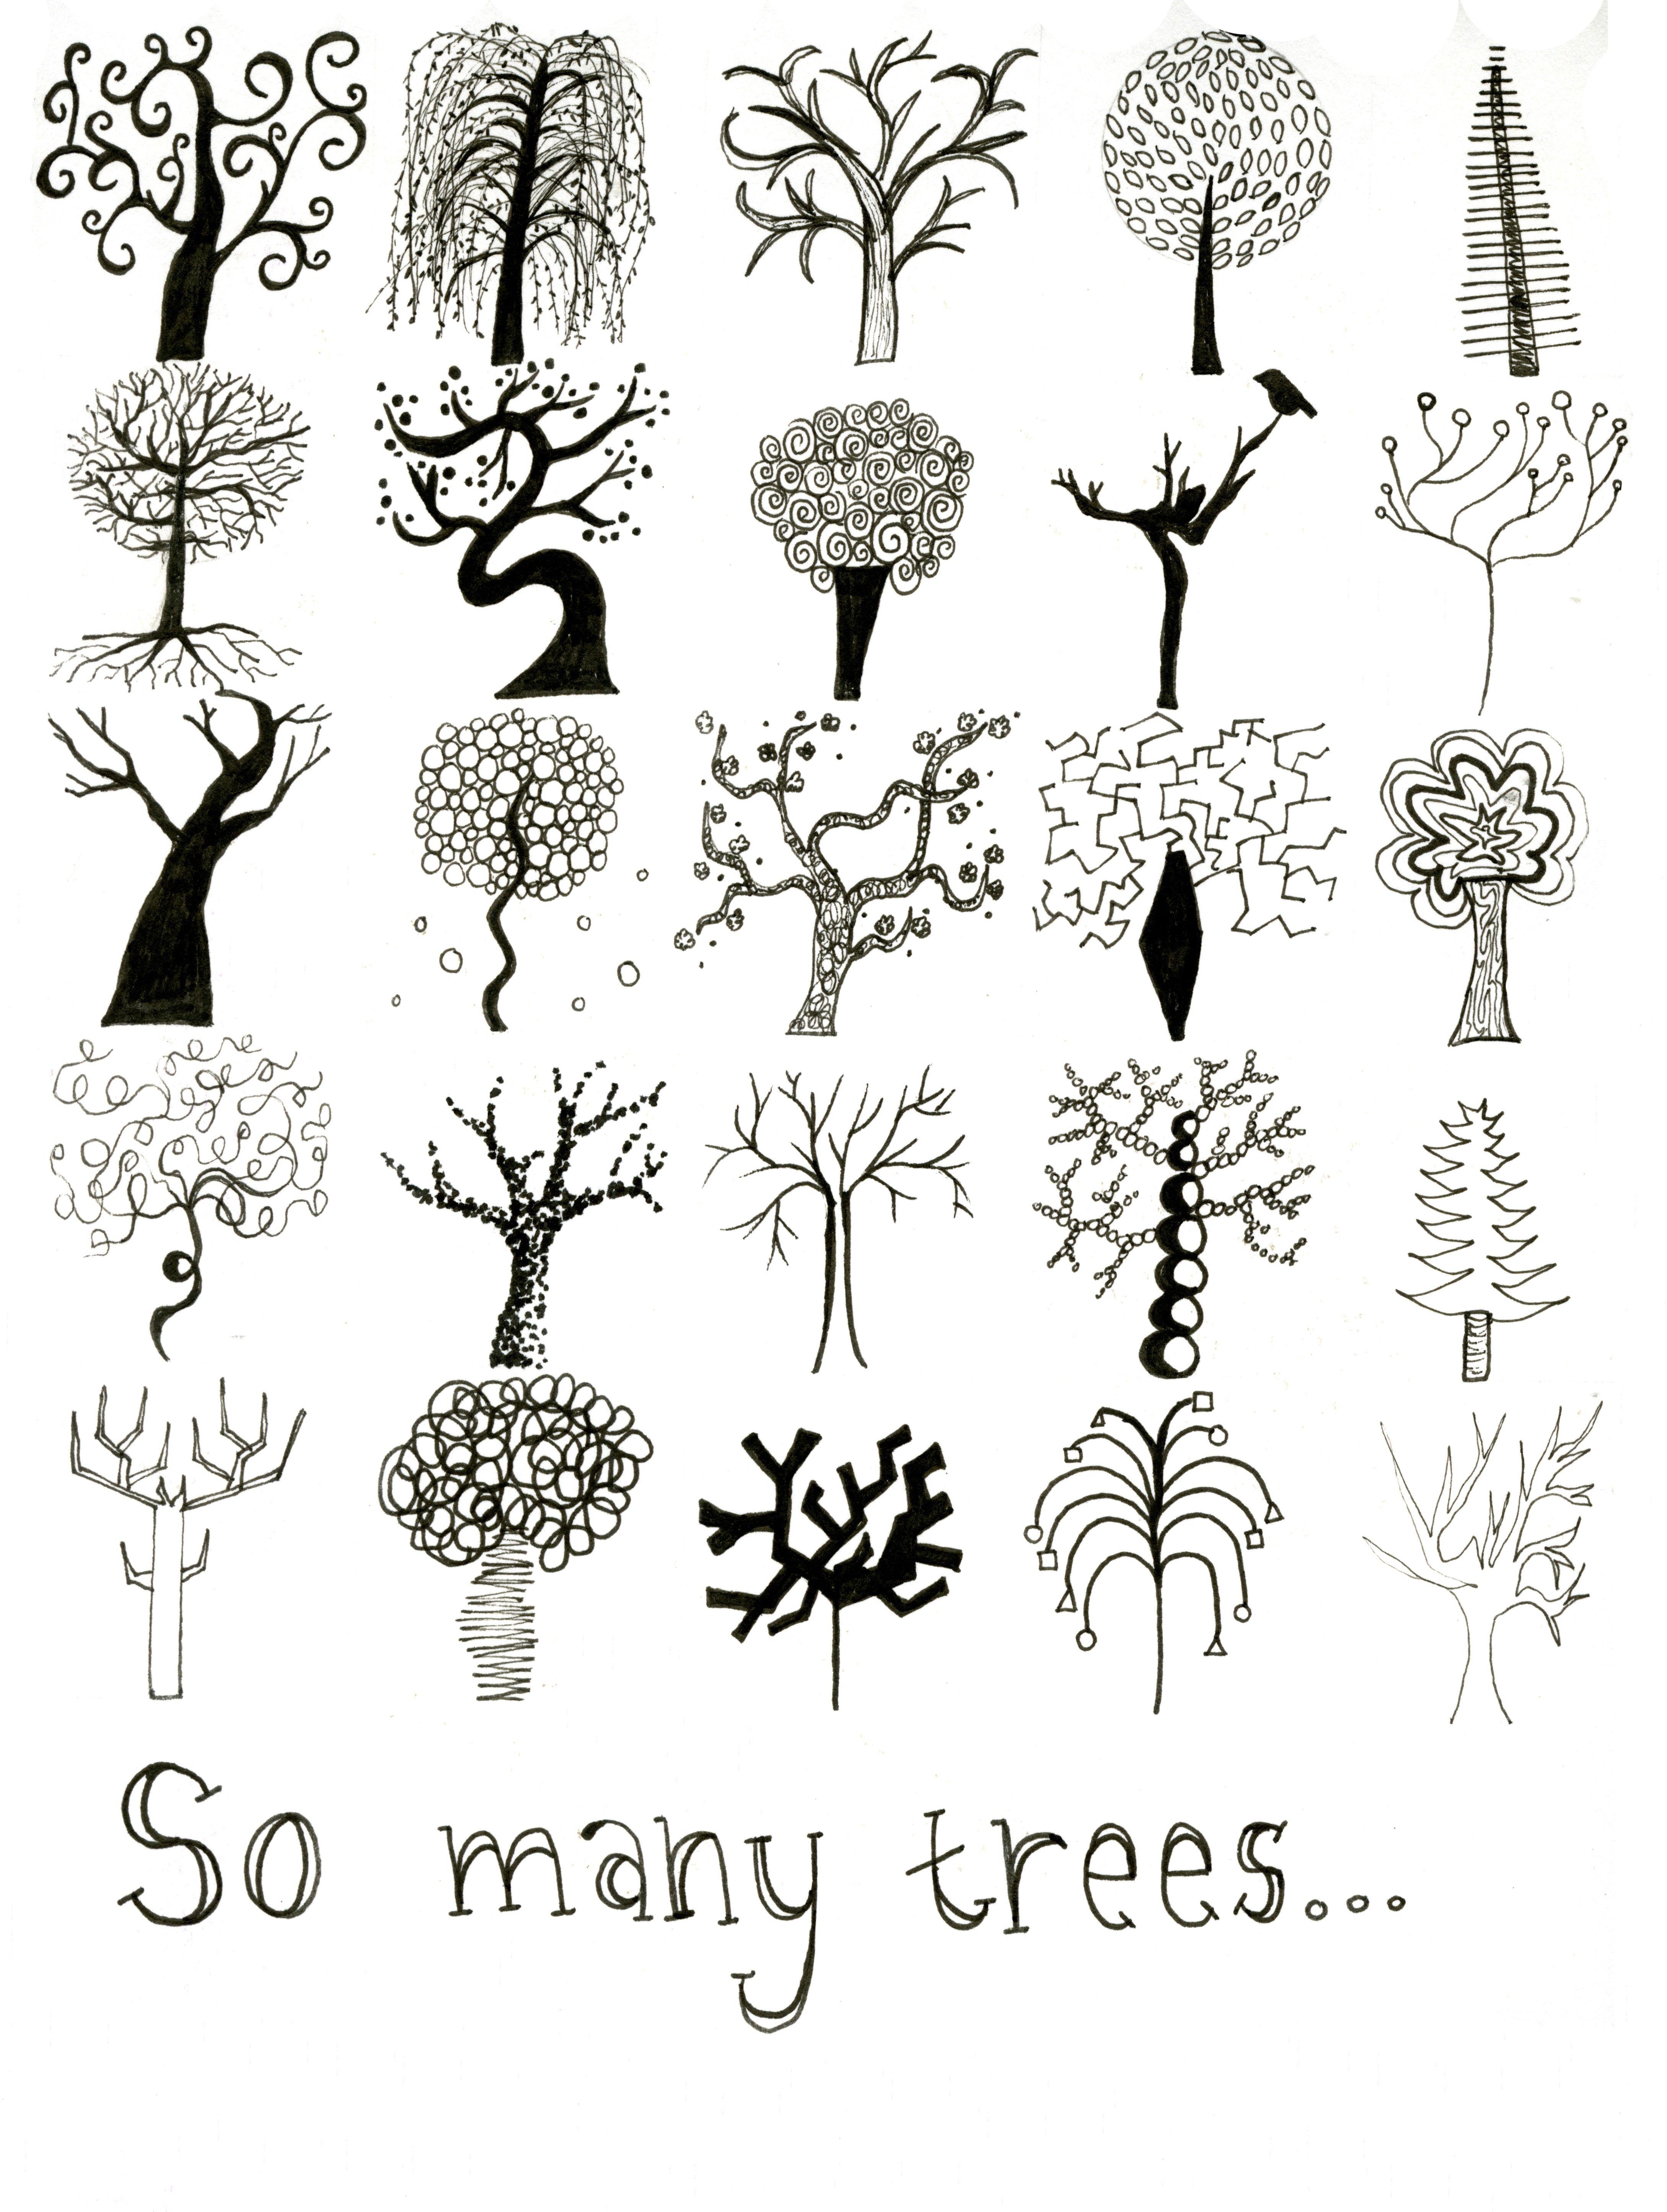 Pin by Jana Slabber on My Original Illustrations | Pinterest ...